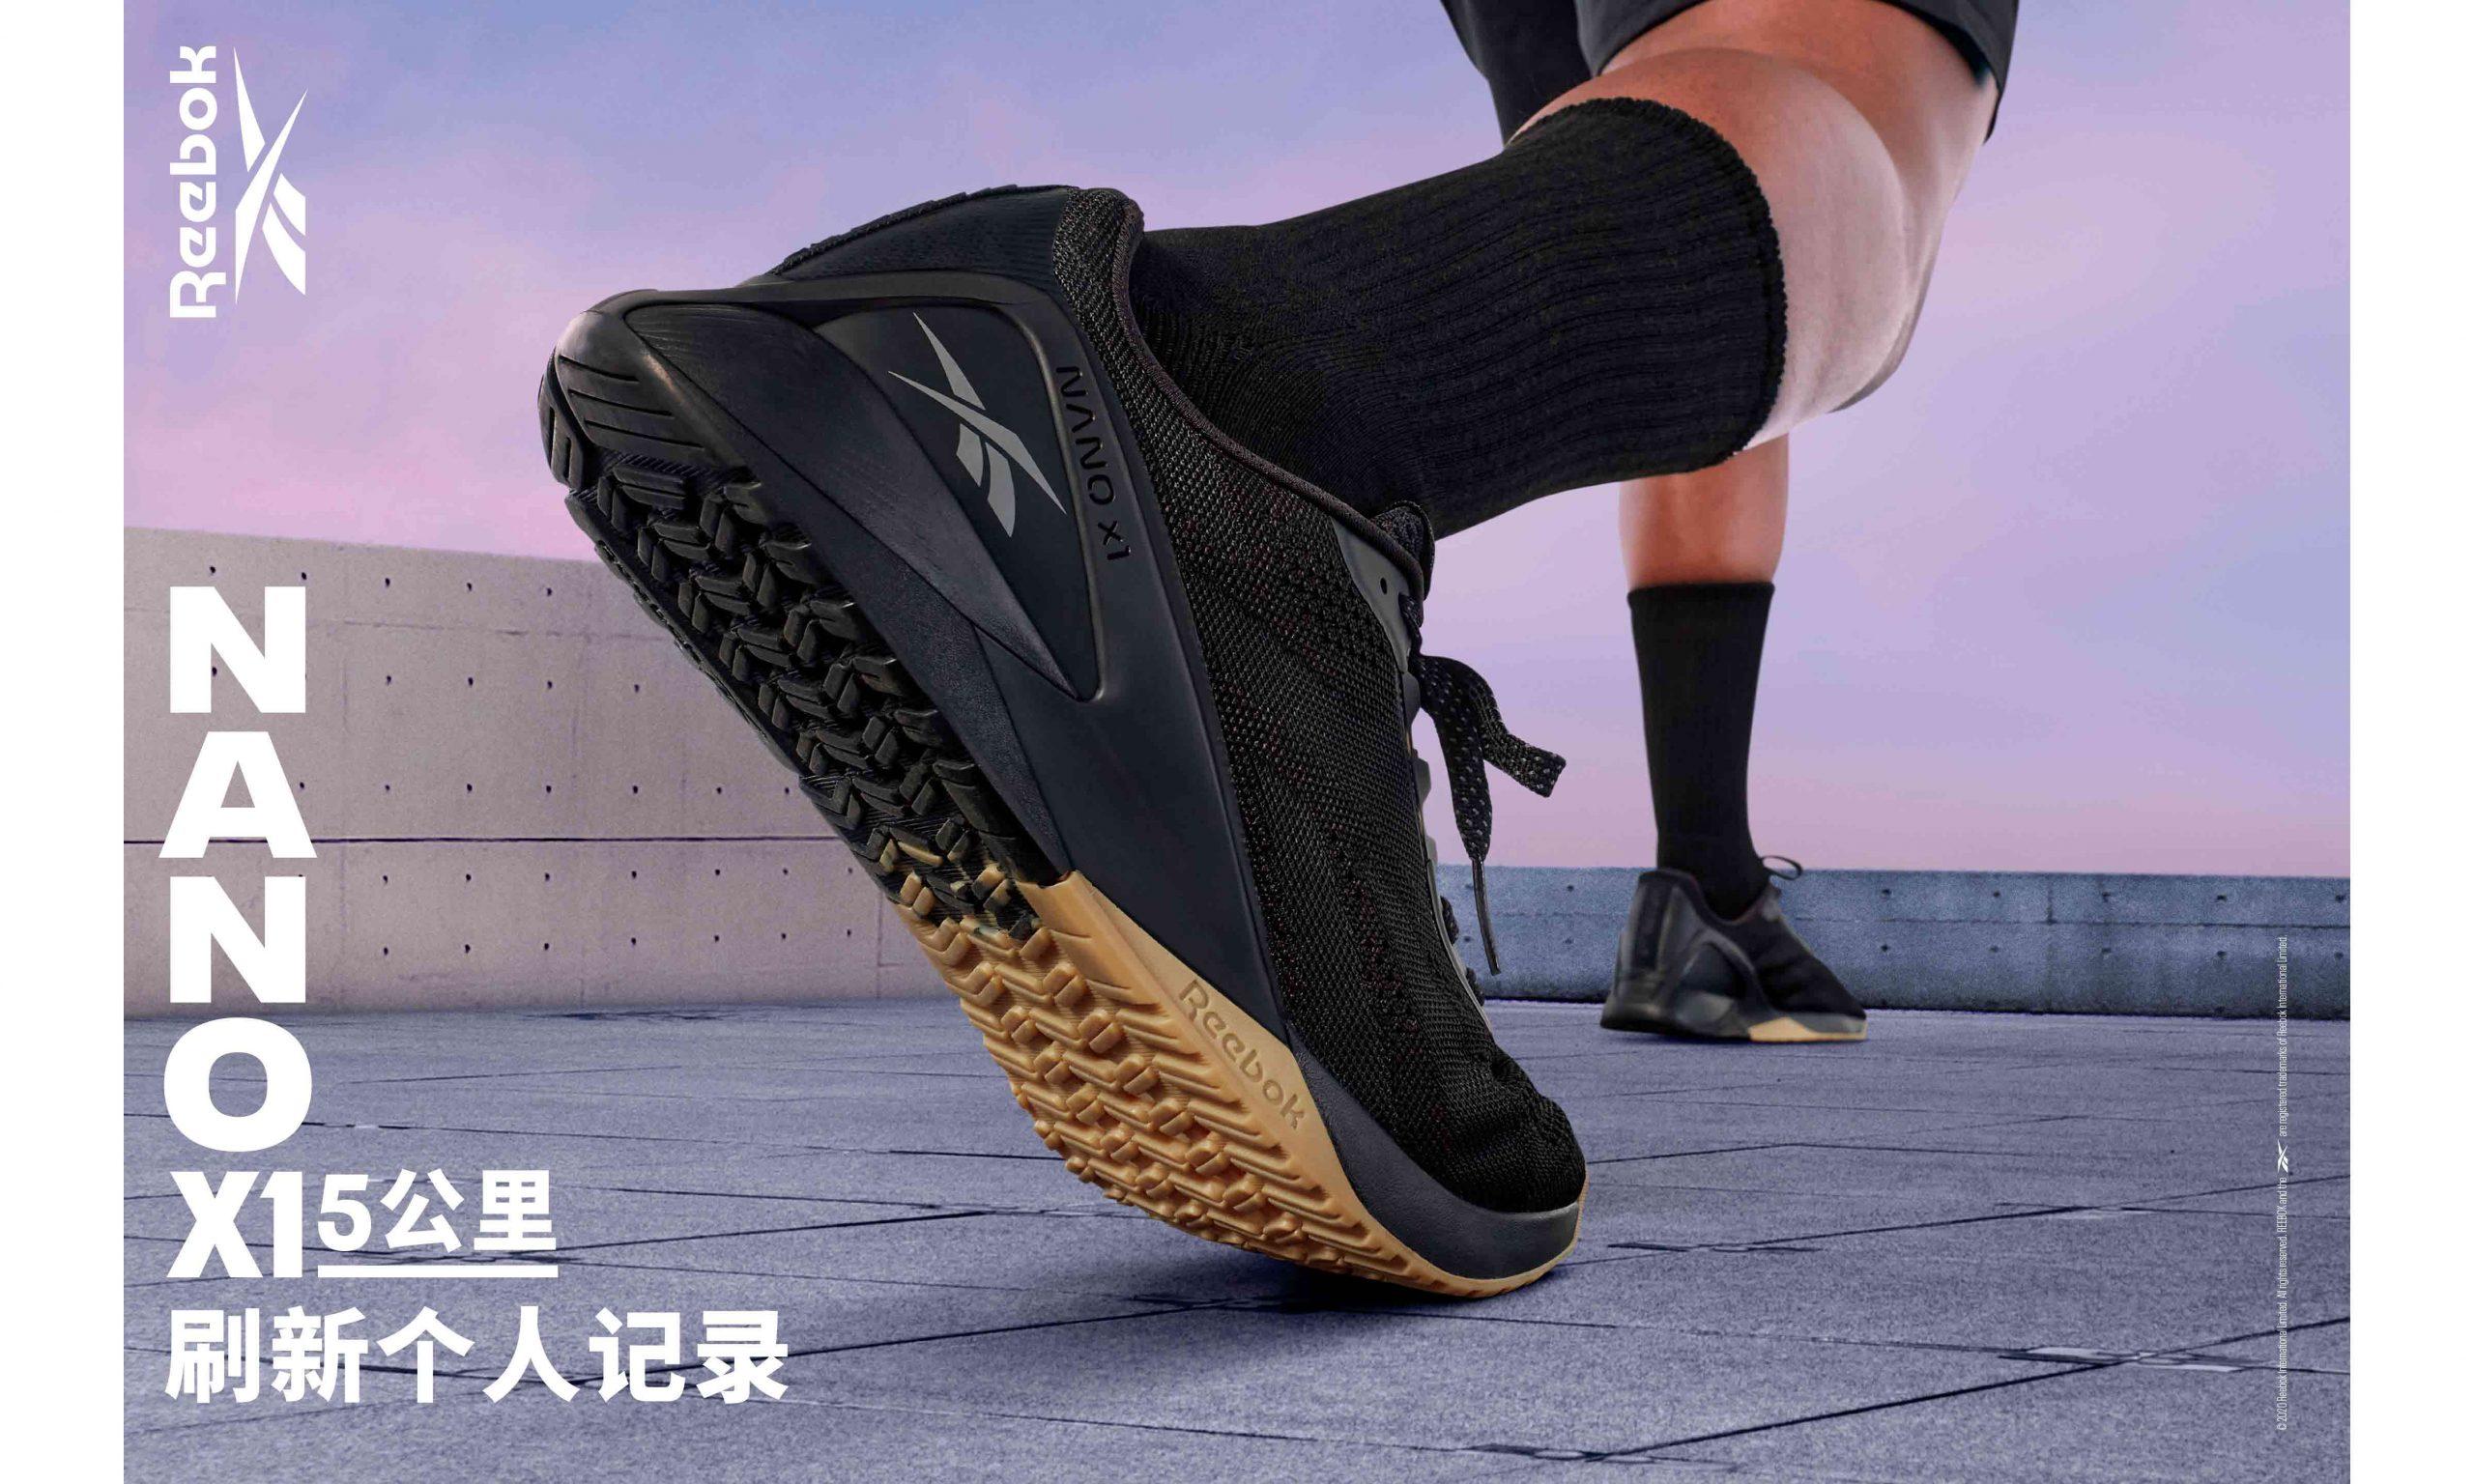 探索健身万种可能,Reebok 重磅发布 Nano X1 训练鞋